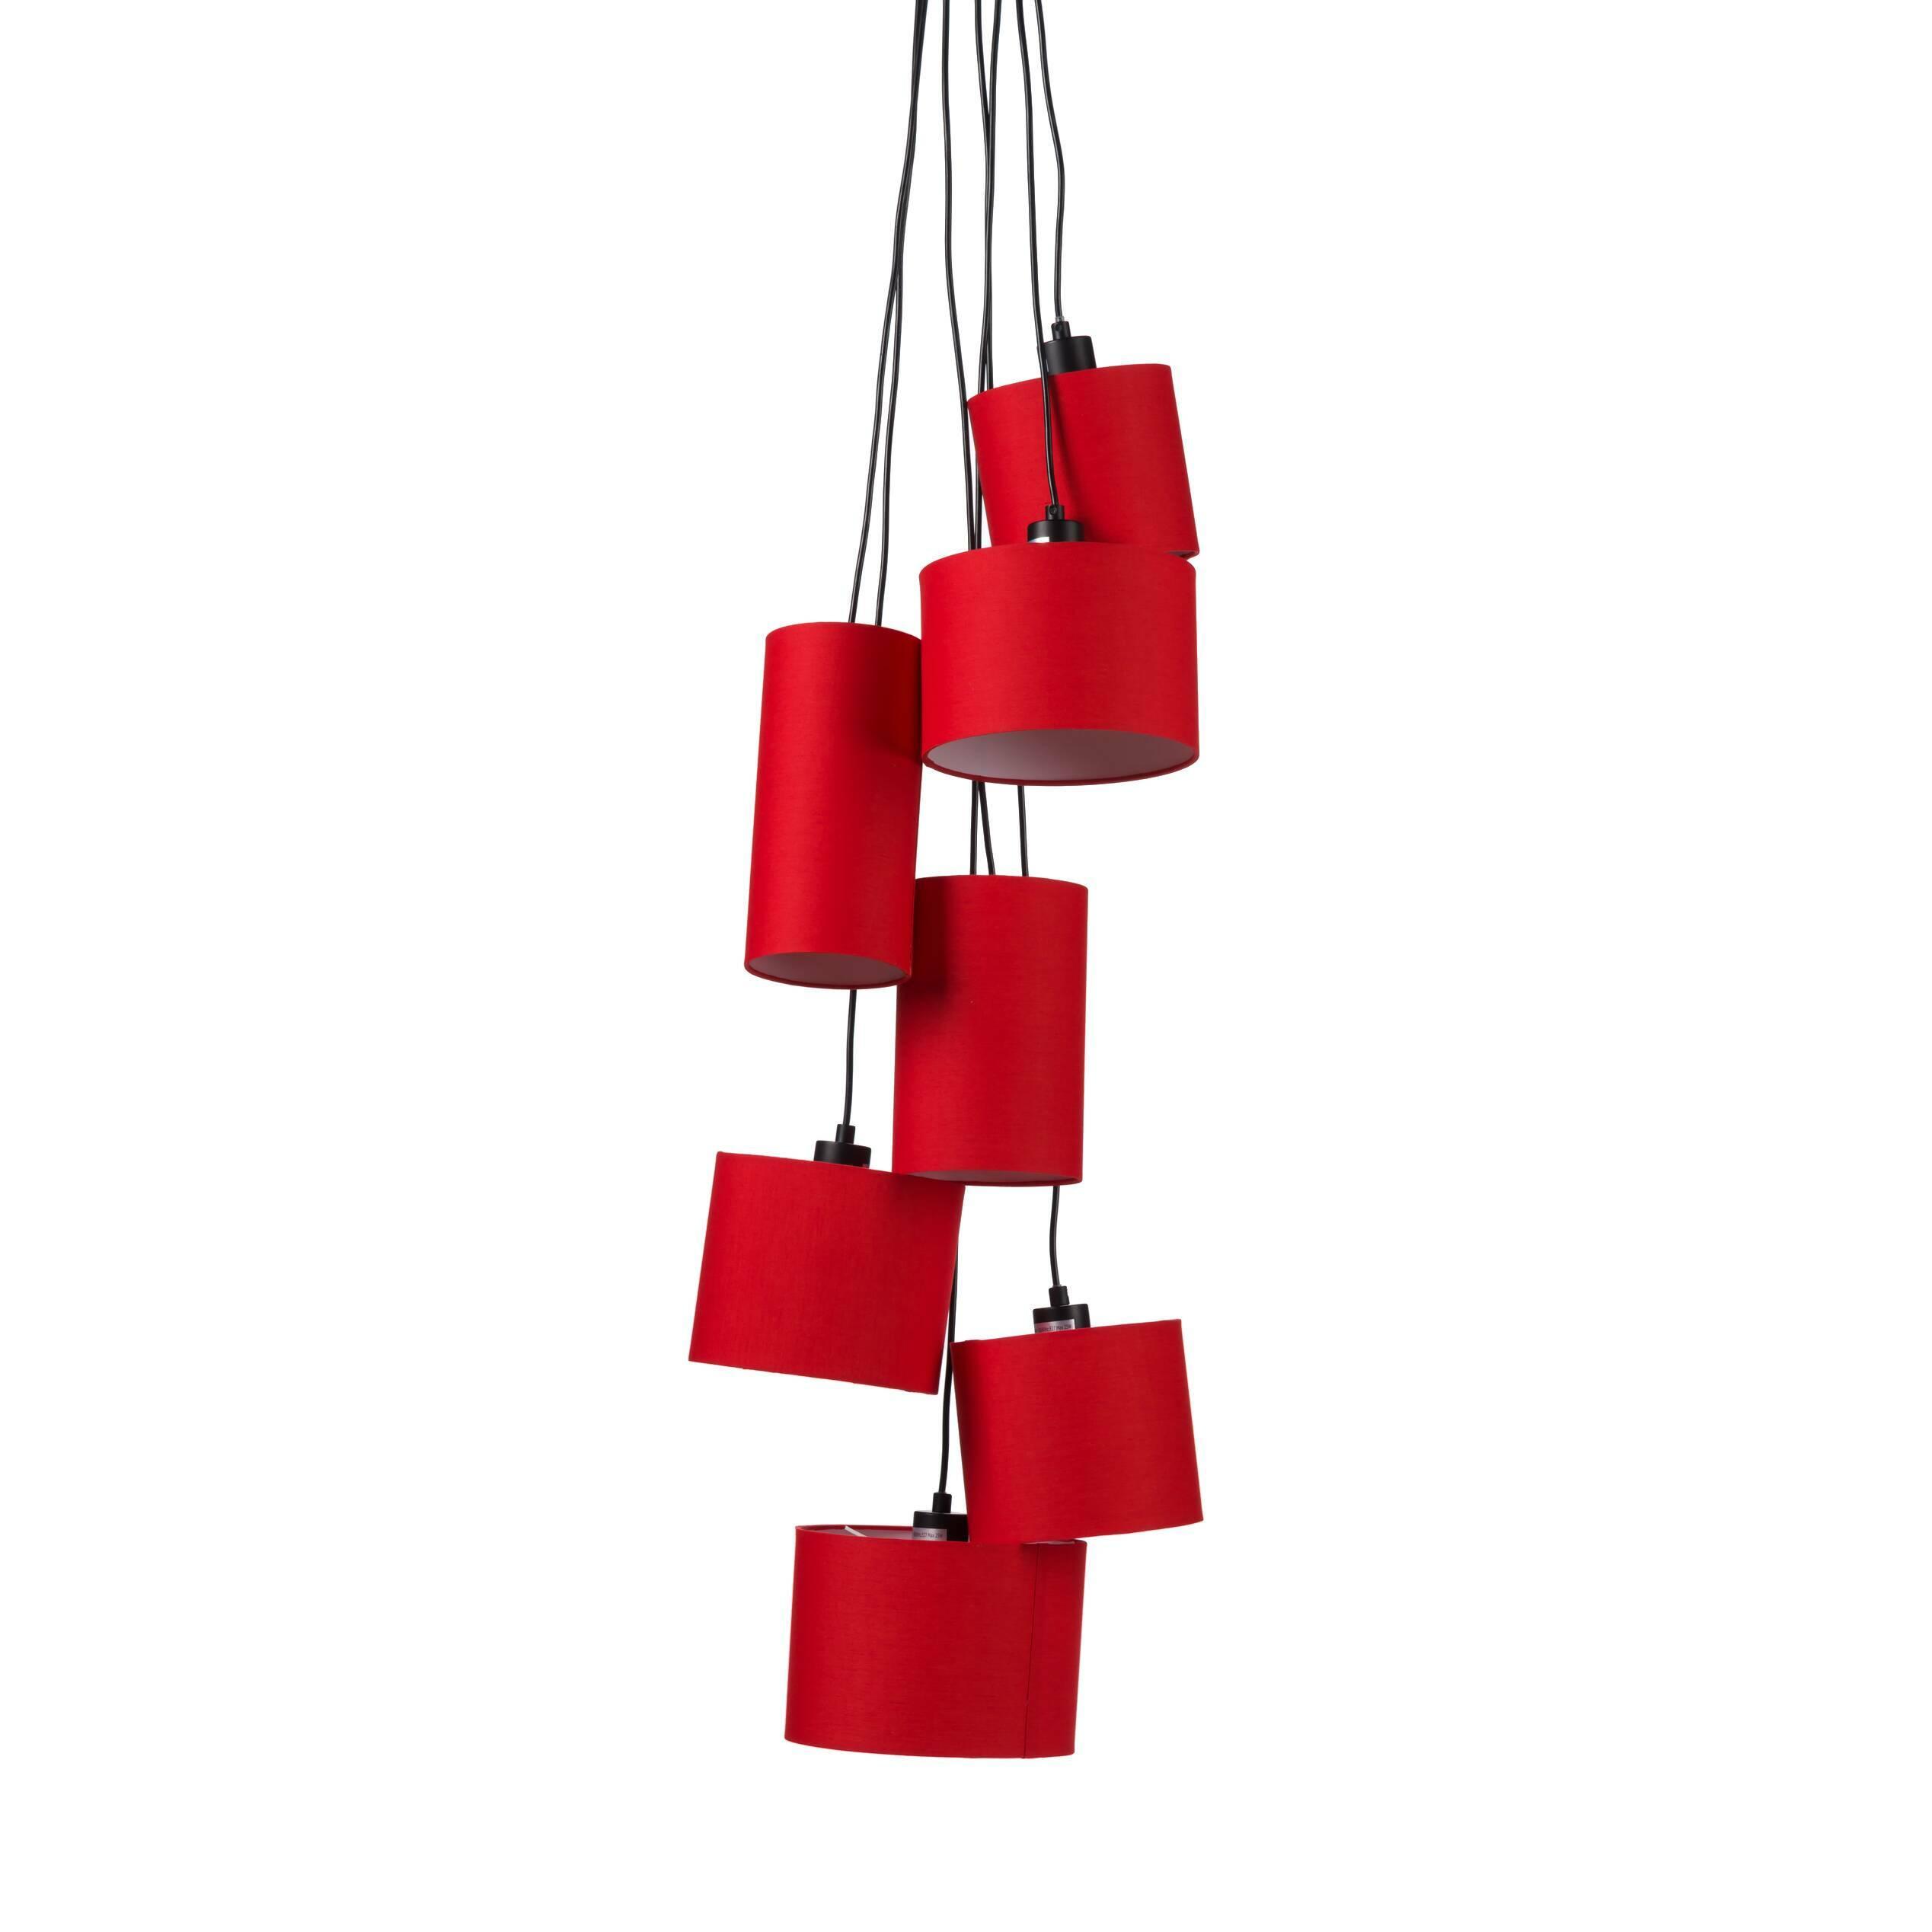 Подвесной светильник Fabric ClusterПодвесные<br>Порой свет играет наиважнейшую роль в дизайне интерьера. Иногда мебель, стены и полы подобраны в скромной и сдержанной цветовой палитре, но в то же время наряду с аксессуарами светильники становятся «единственными актерами театра». Подвесной светильник Fabric Cluster как раз подходит на эту роль — поднимайте занавес, шоу начинается!<br> <br> Яркие красочные абажуры разных диаметров и размеров растянулись во всю высоту потолков, стильная «гроздь» светильников непременно прикует к себе взгляды. Есл...<br><br>stock: 20<br>Диаметр: 65<br>Количество ламп: 7<br>Материал абажура: Ткань<br>Мощность лампы: 25<br>Ламп в комплекте: Нет<br>Напряжение: 220<br>Тип лампы/цоколь: E27<br>Цвет абажура: Красный